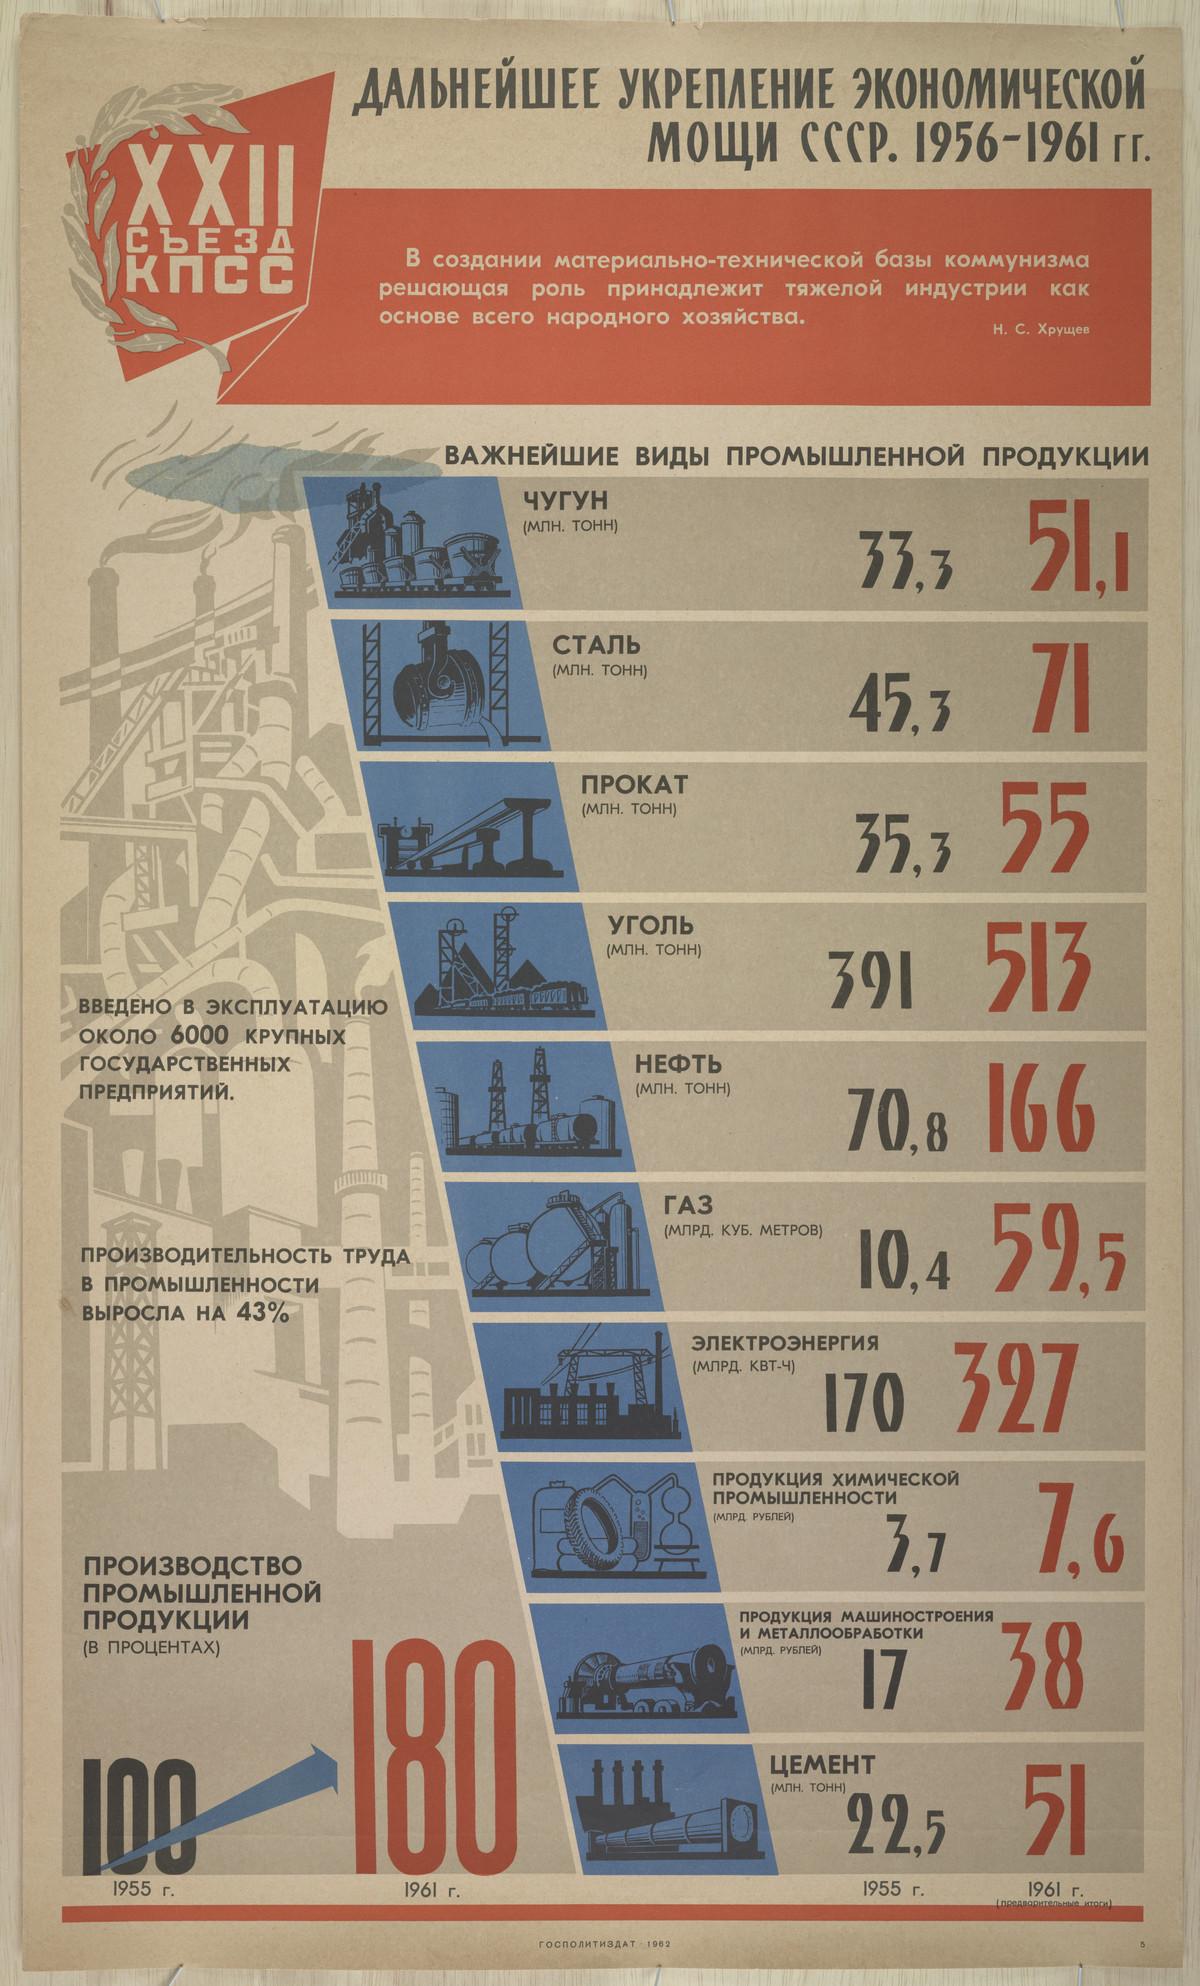 sovetskie-kommunisticheskie-plakaty_39